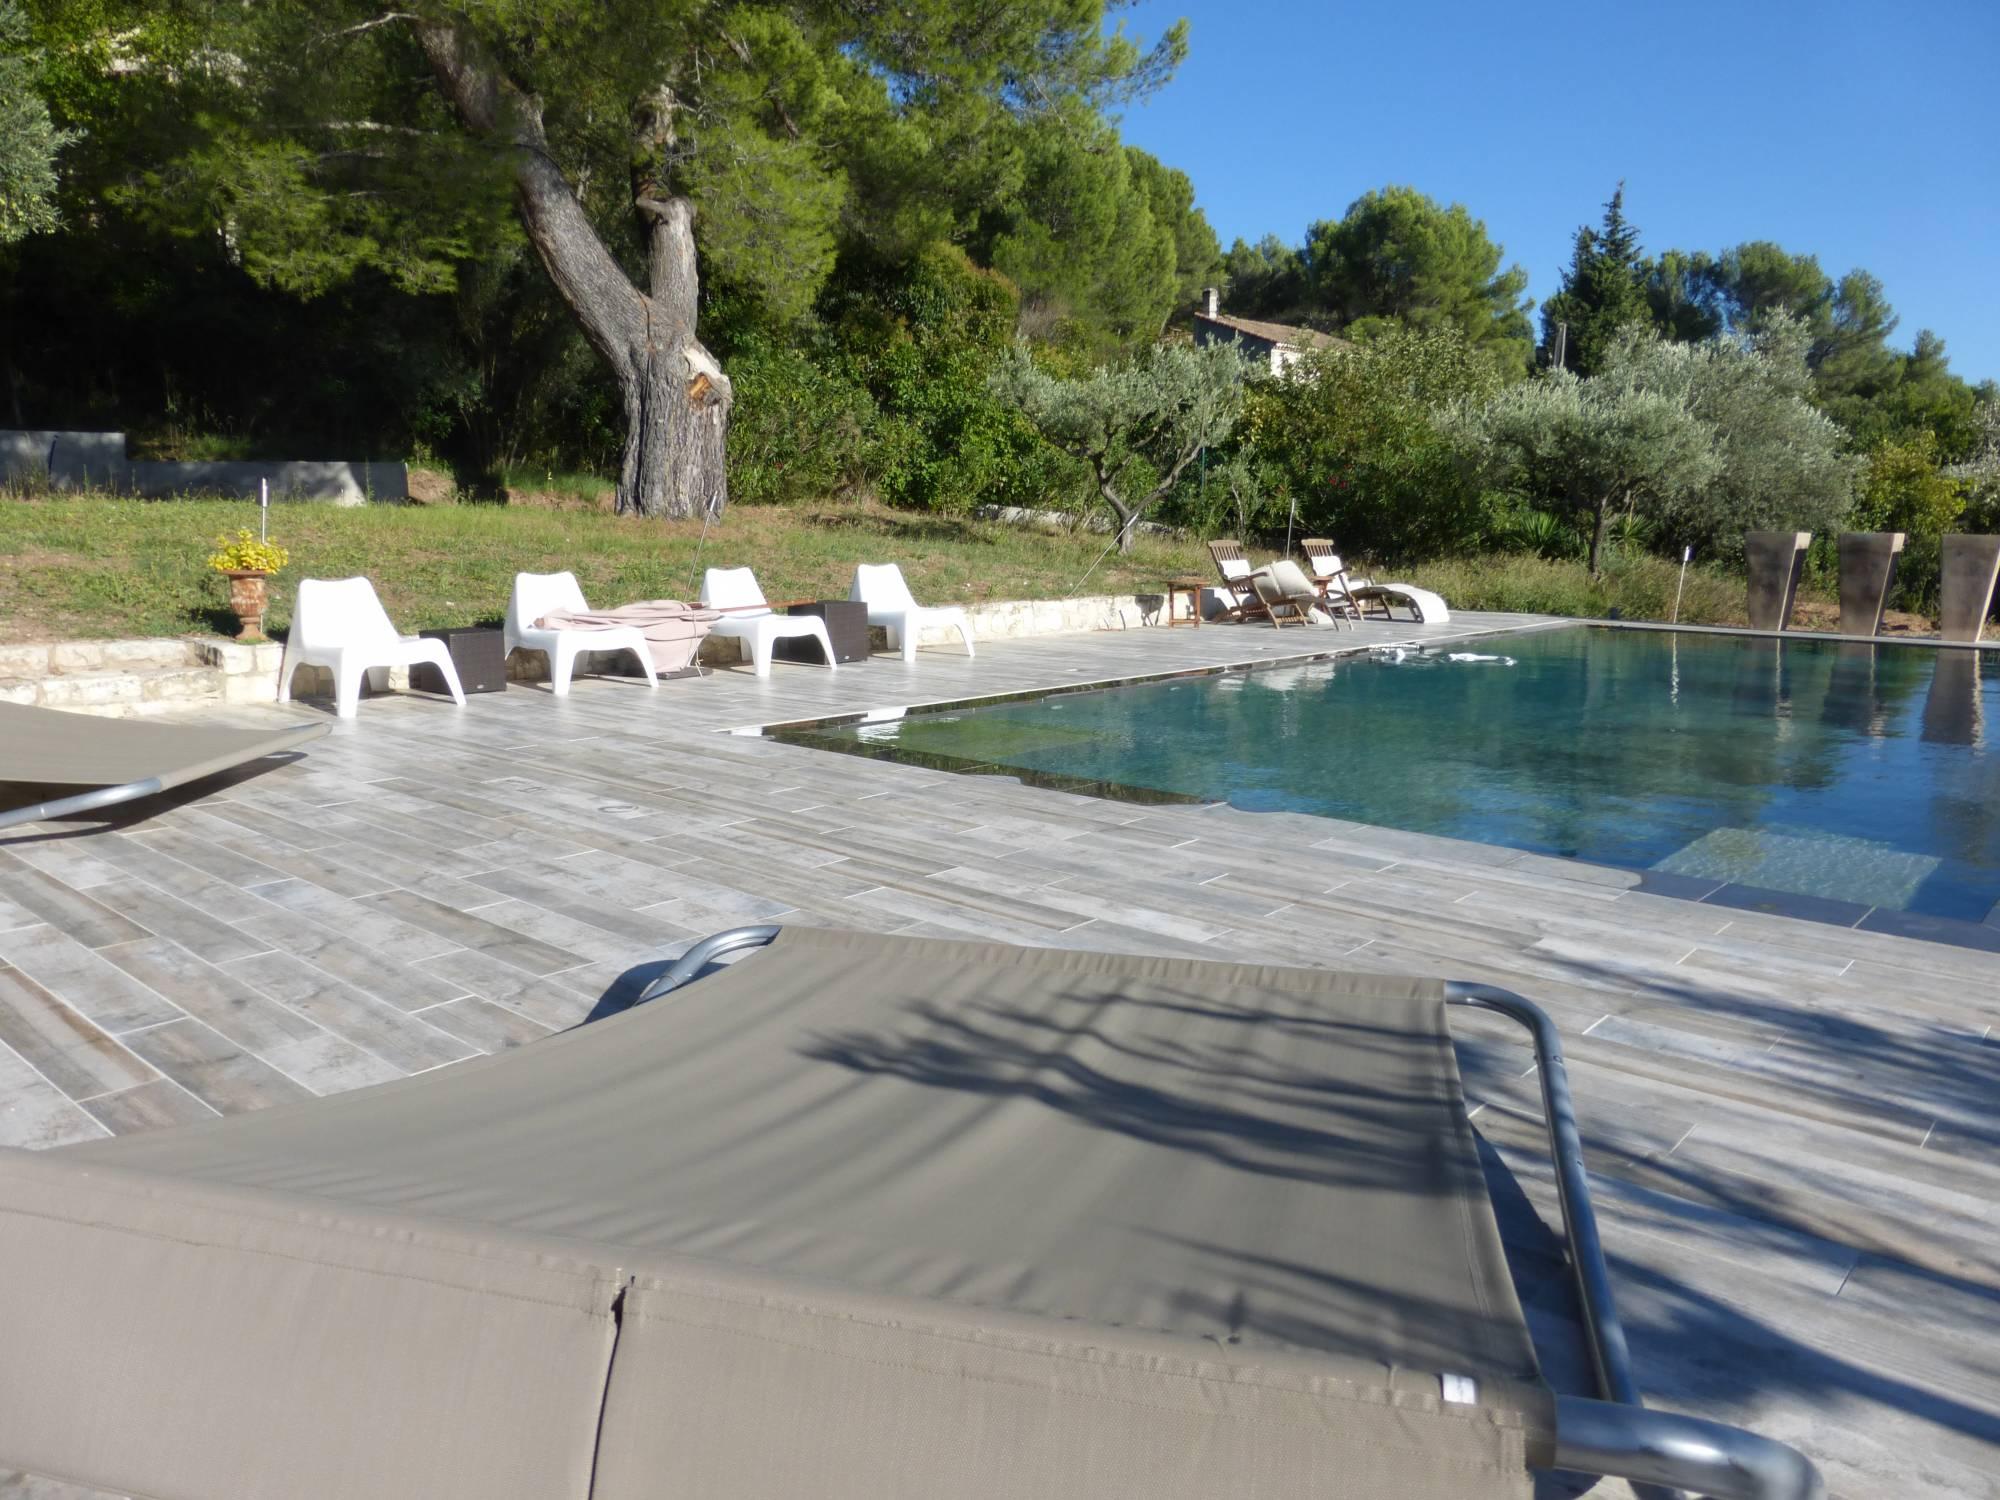 piscine imitation bois eguilles carrelage intà rieur et extà rieur